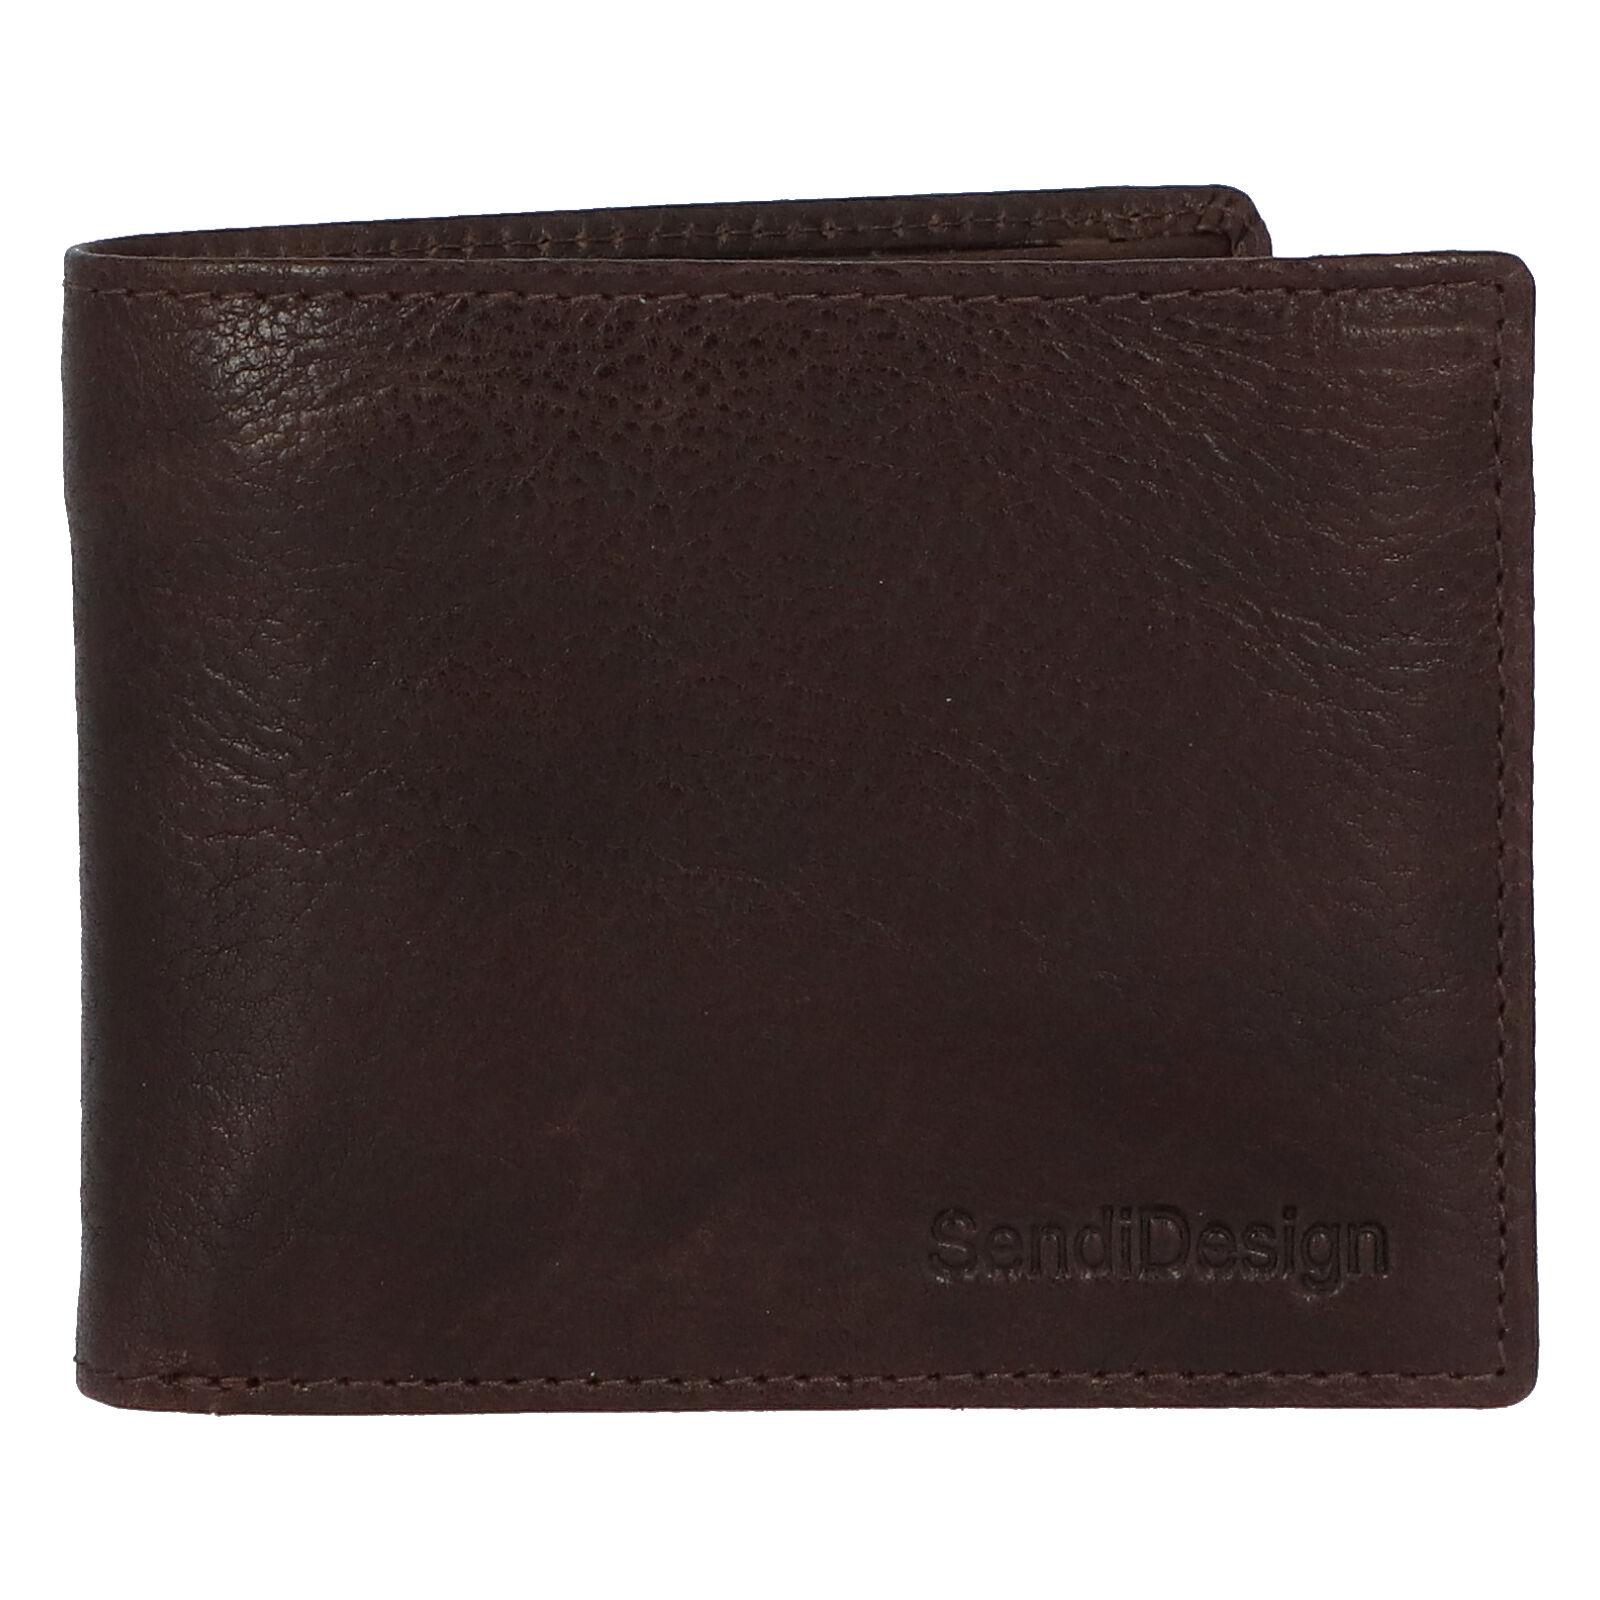 Pánska kožená peňaženka hnedá - SendiDesign Boster hnedá